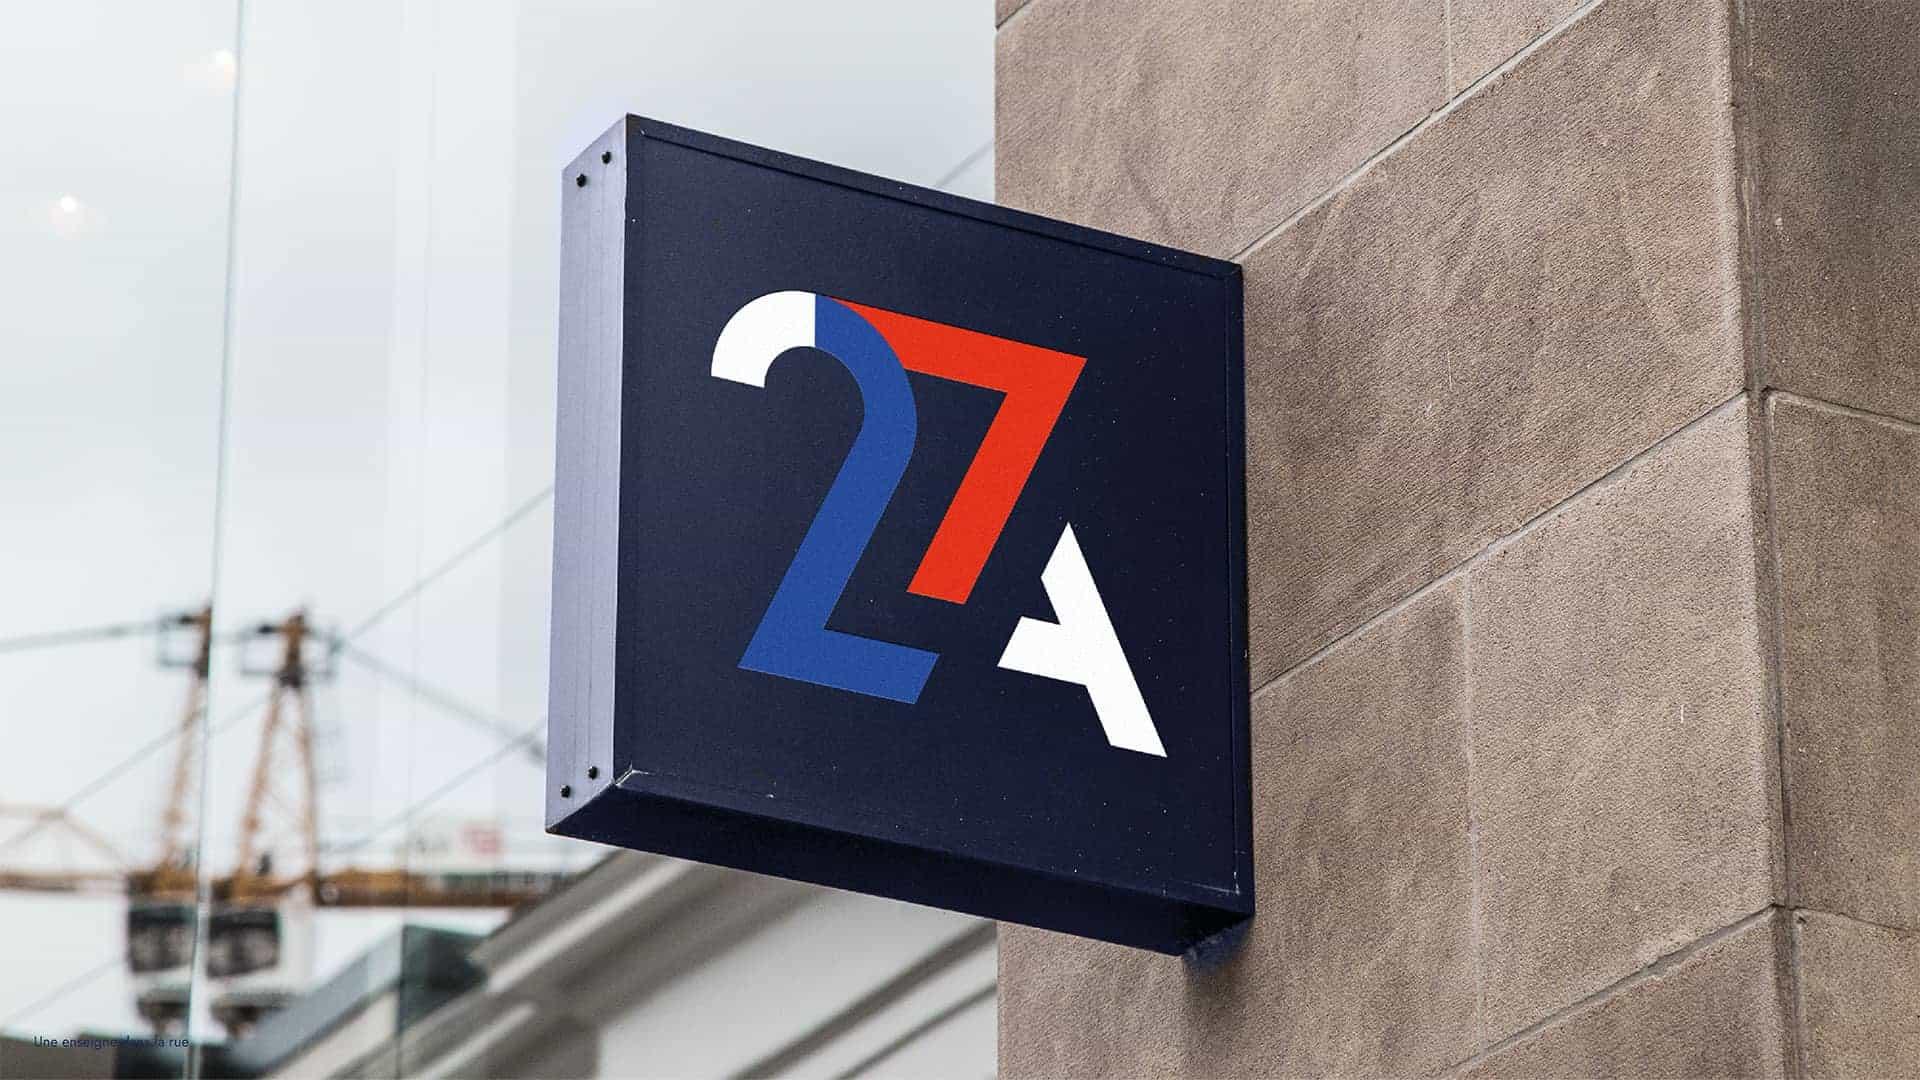 27A Architectes